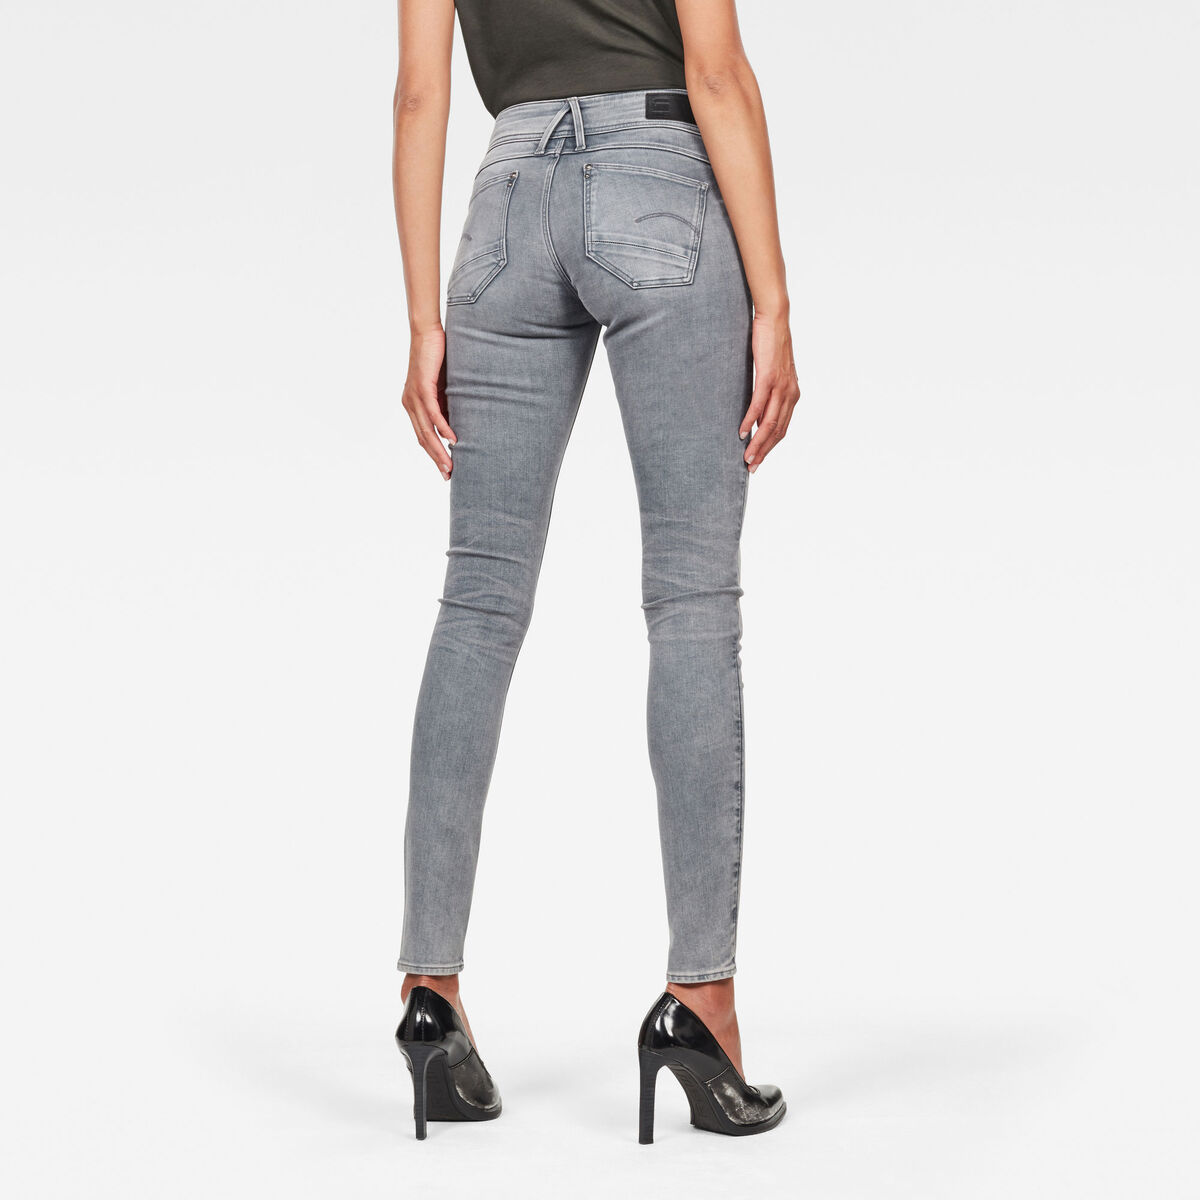 Bild 2 von Lynn Mid Waist Skinny Jeans